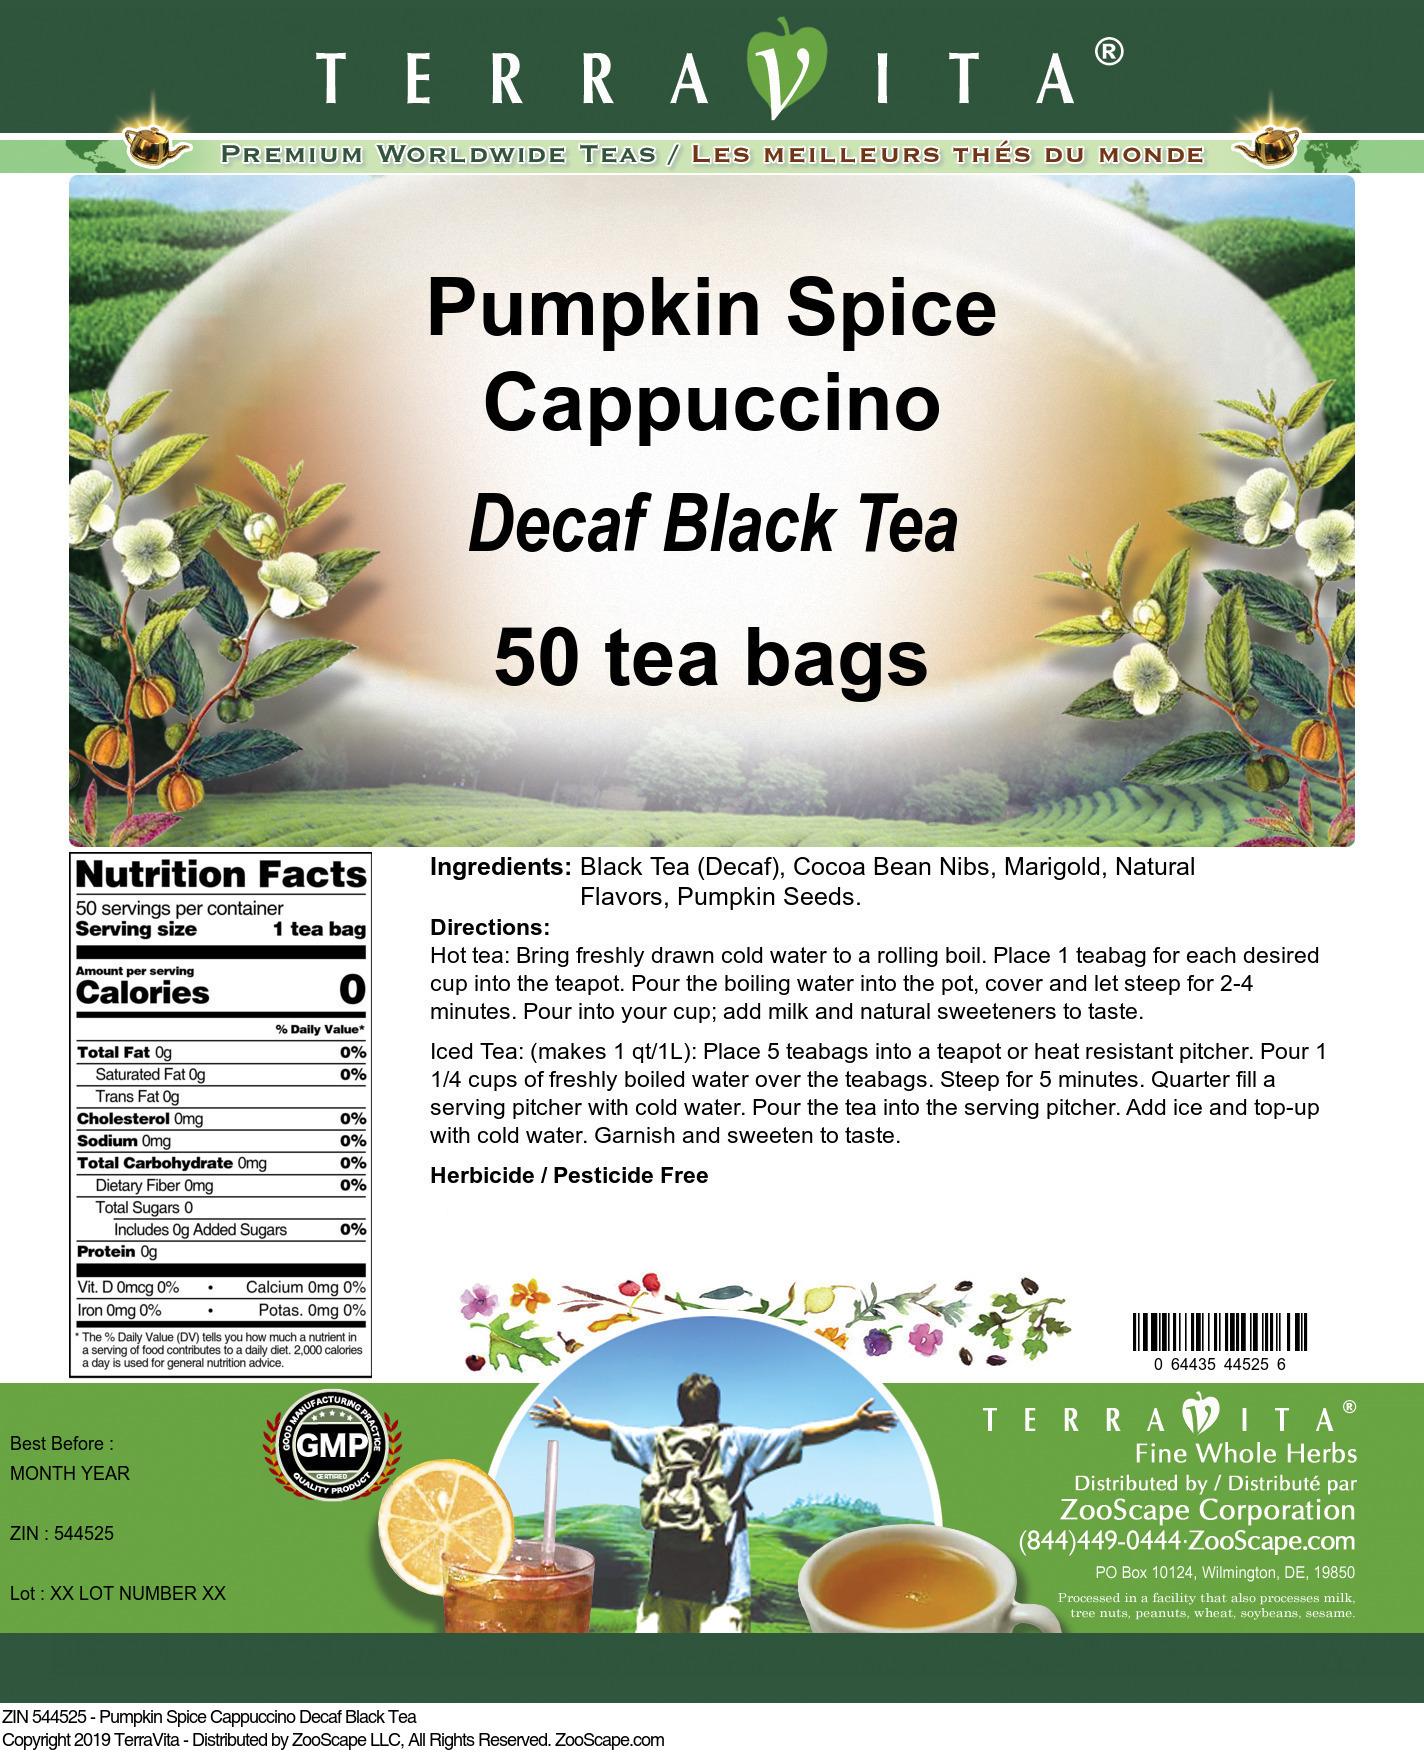 Pumpkin Spice Cappuccino Decaf Black Tea